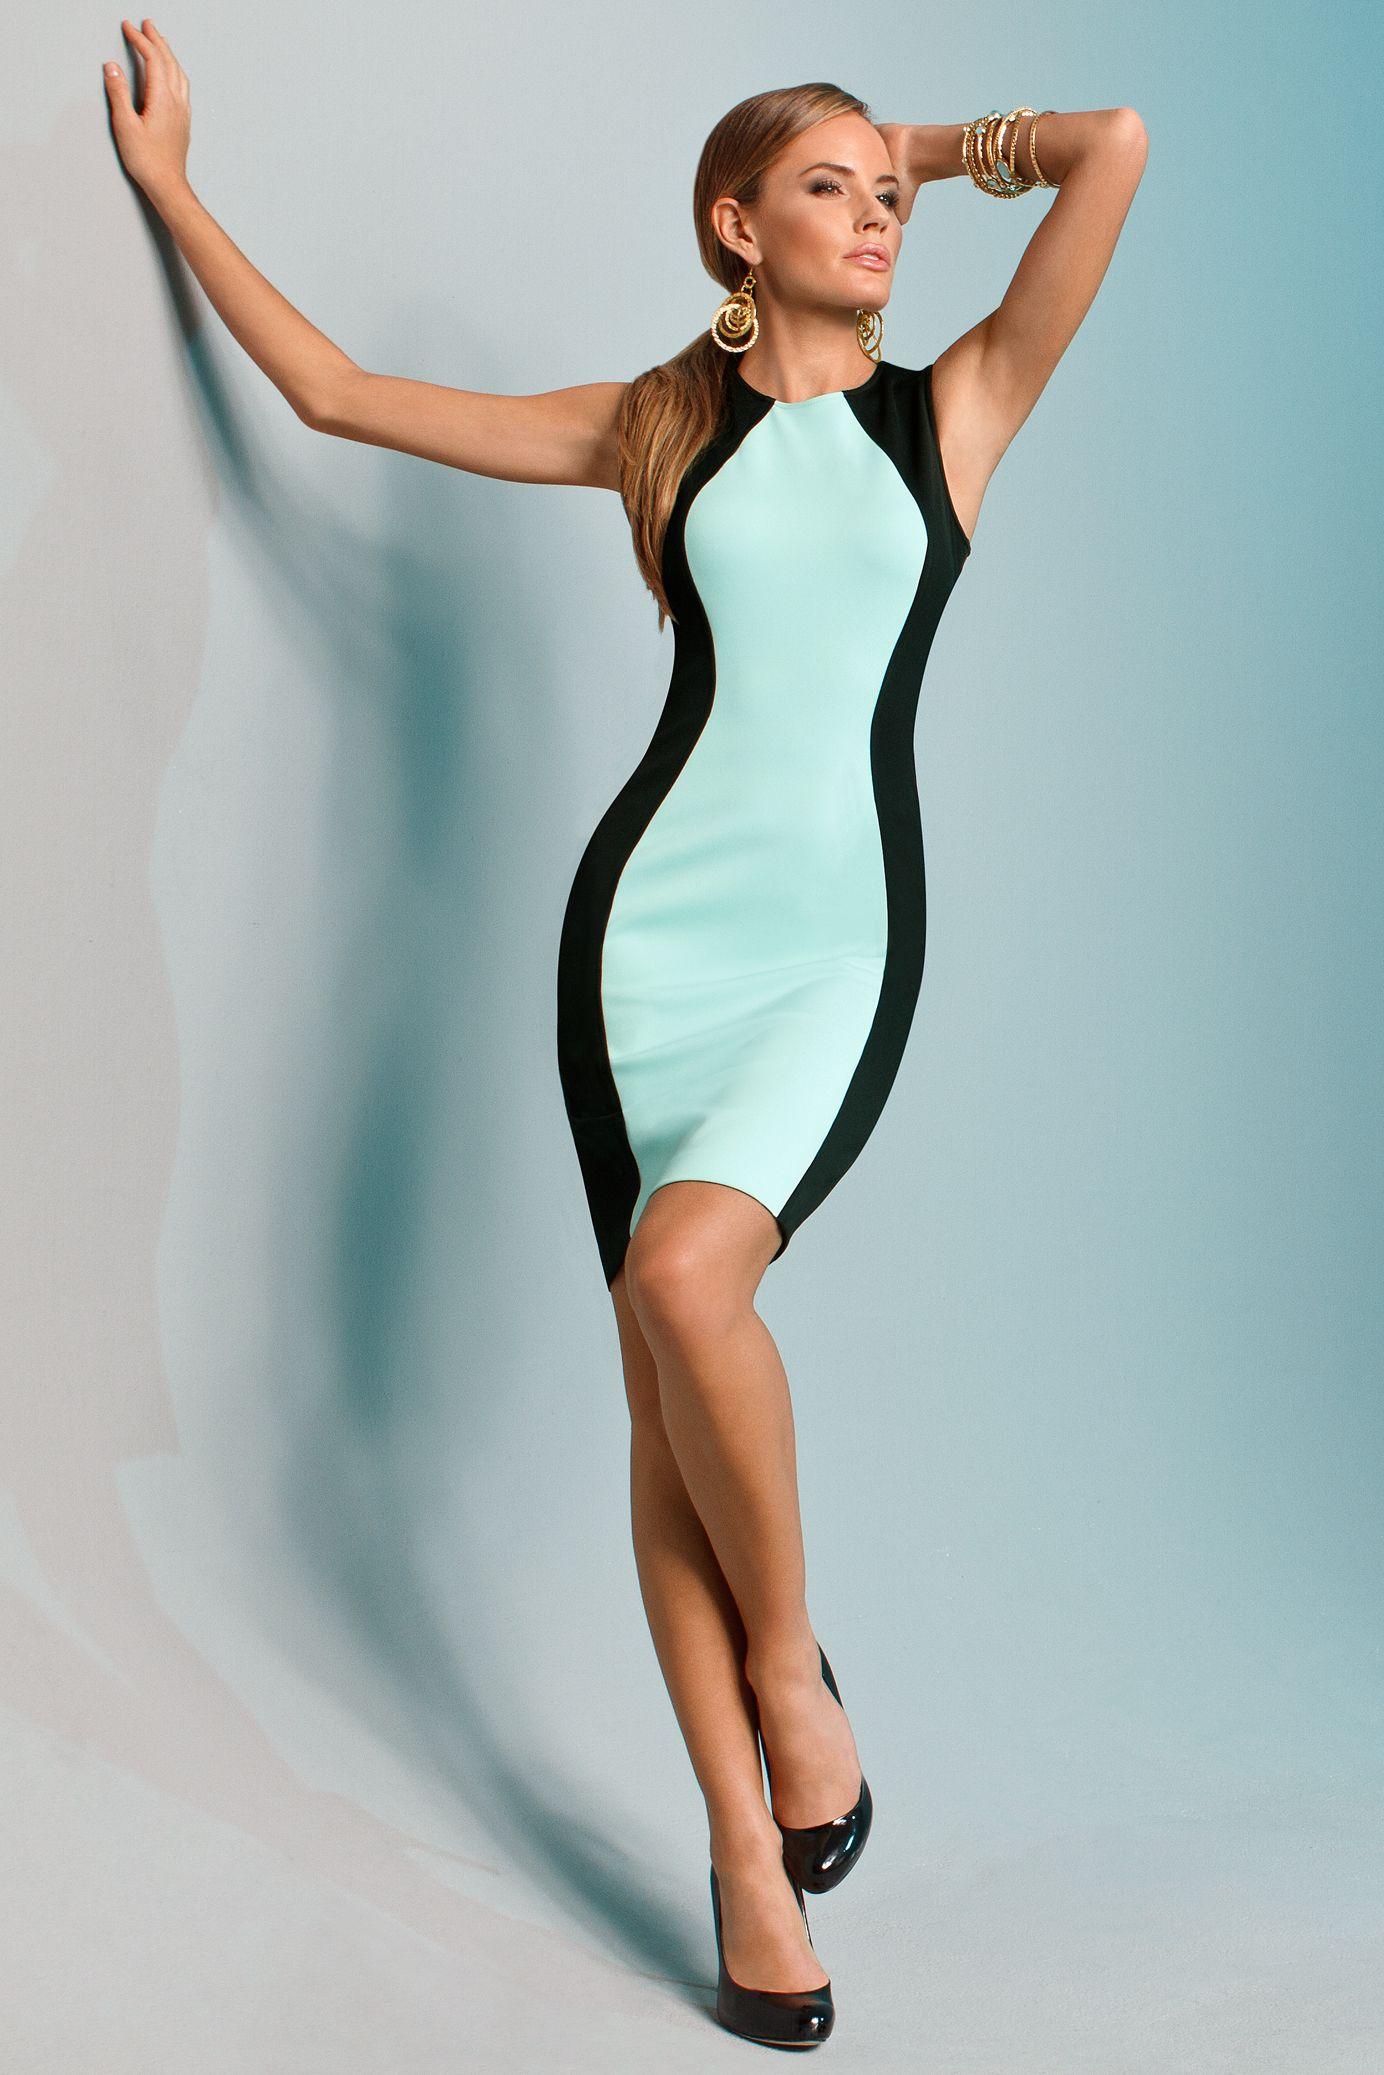 Scuba Inspired Dresses